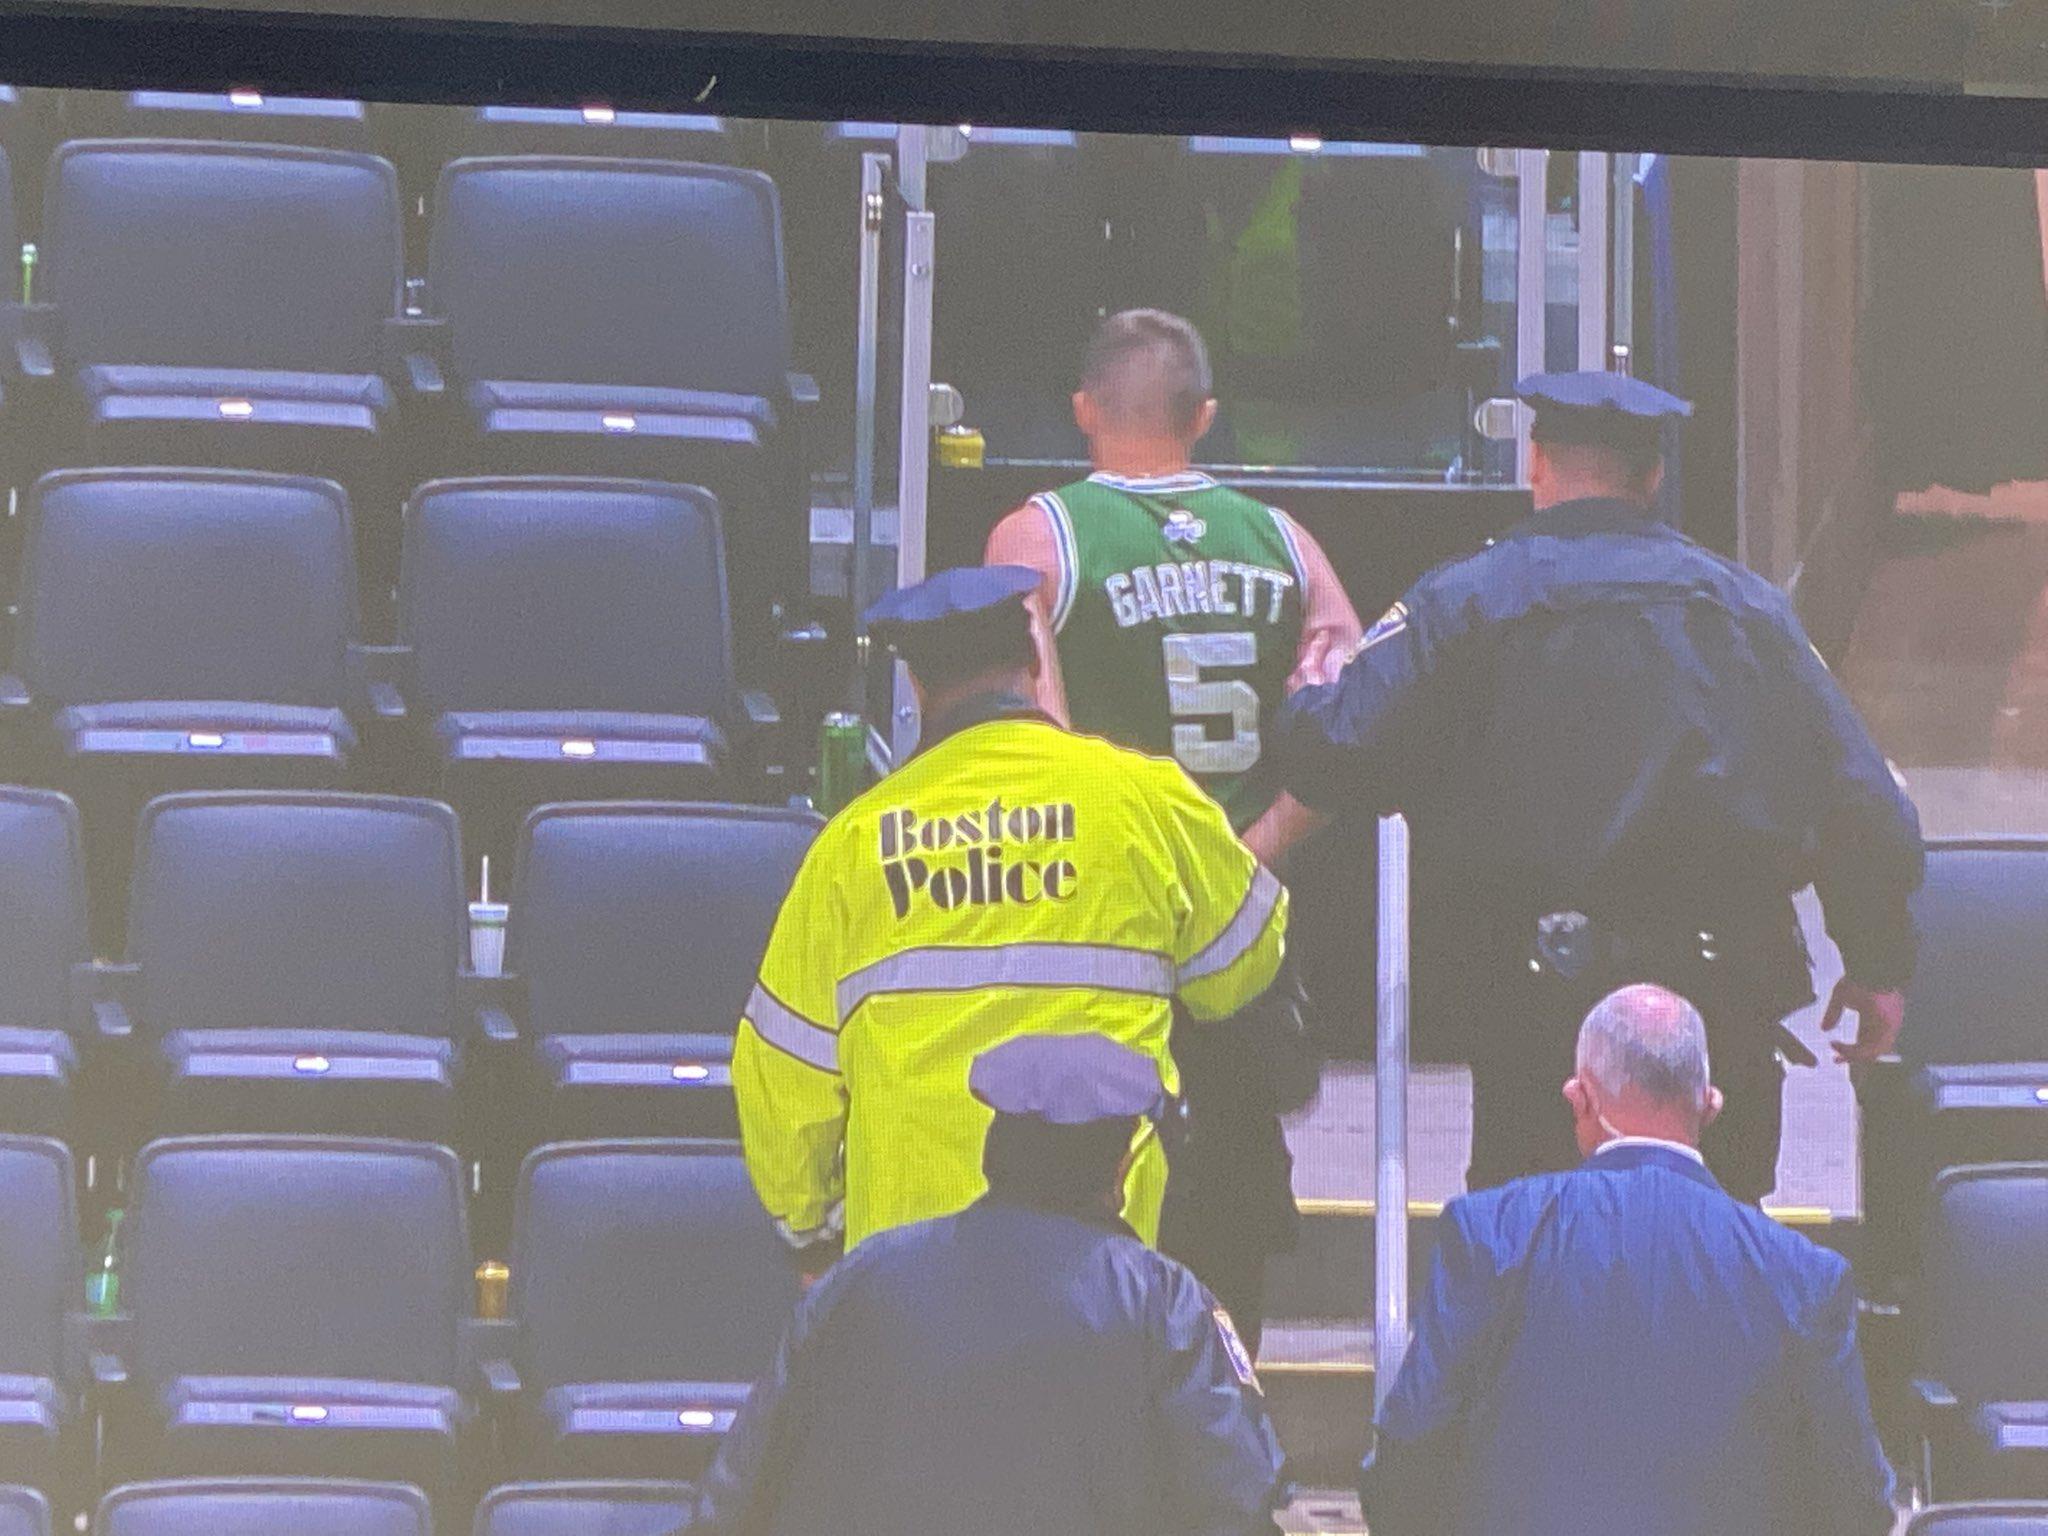 Болельщик Бостона бросил бутылкой в Кайри Ирвинга. Мужчина арестован и пожизненно лишен права посещать матчи